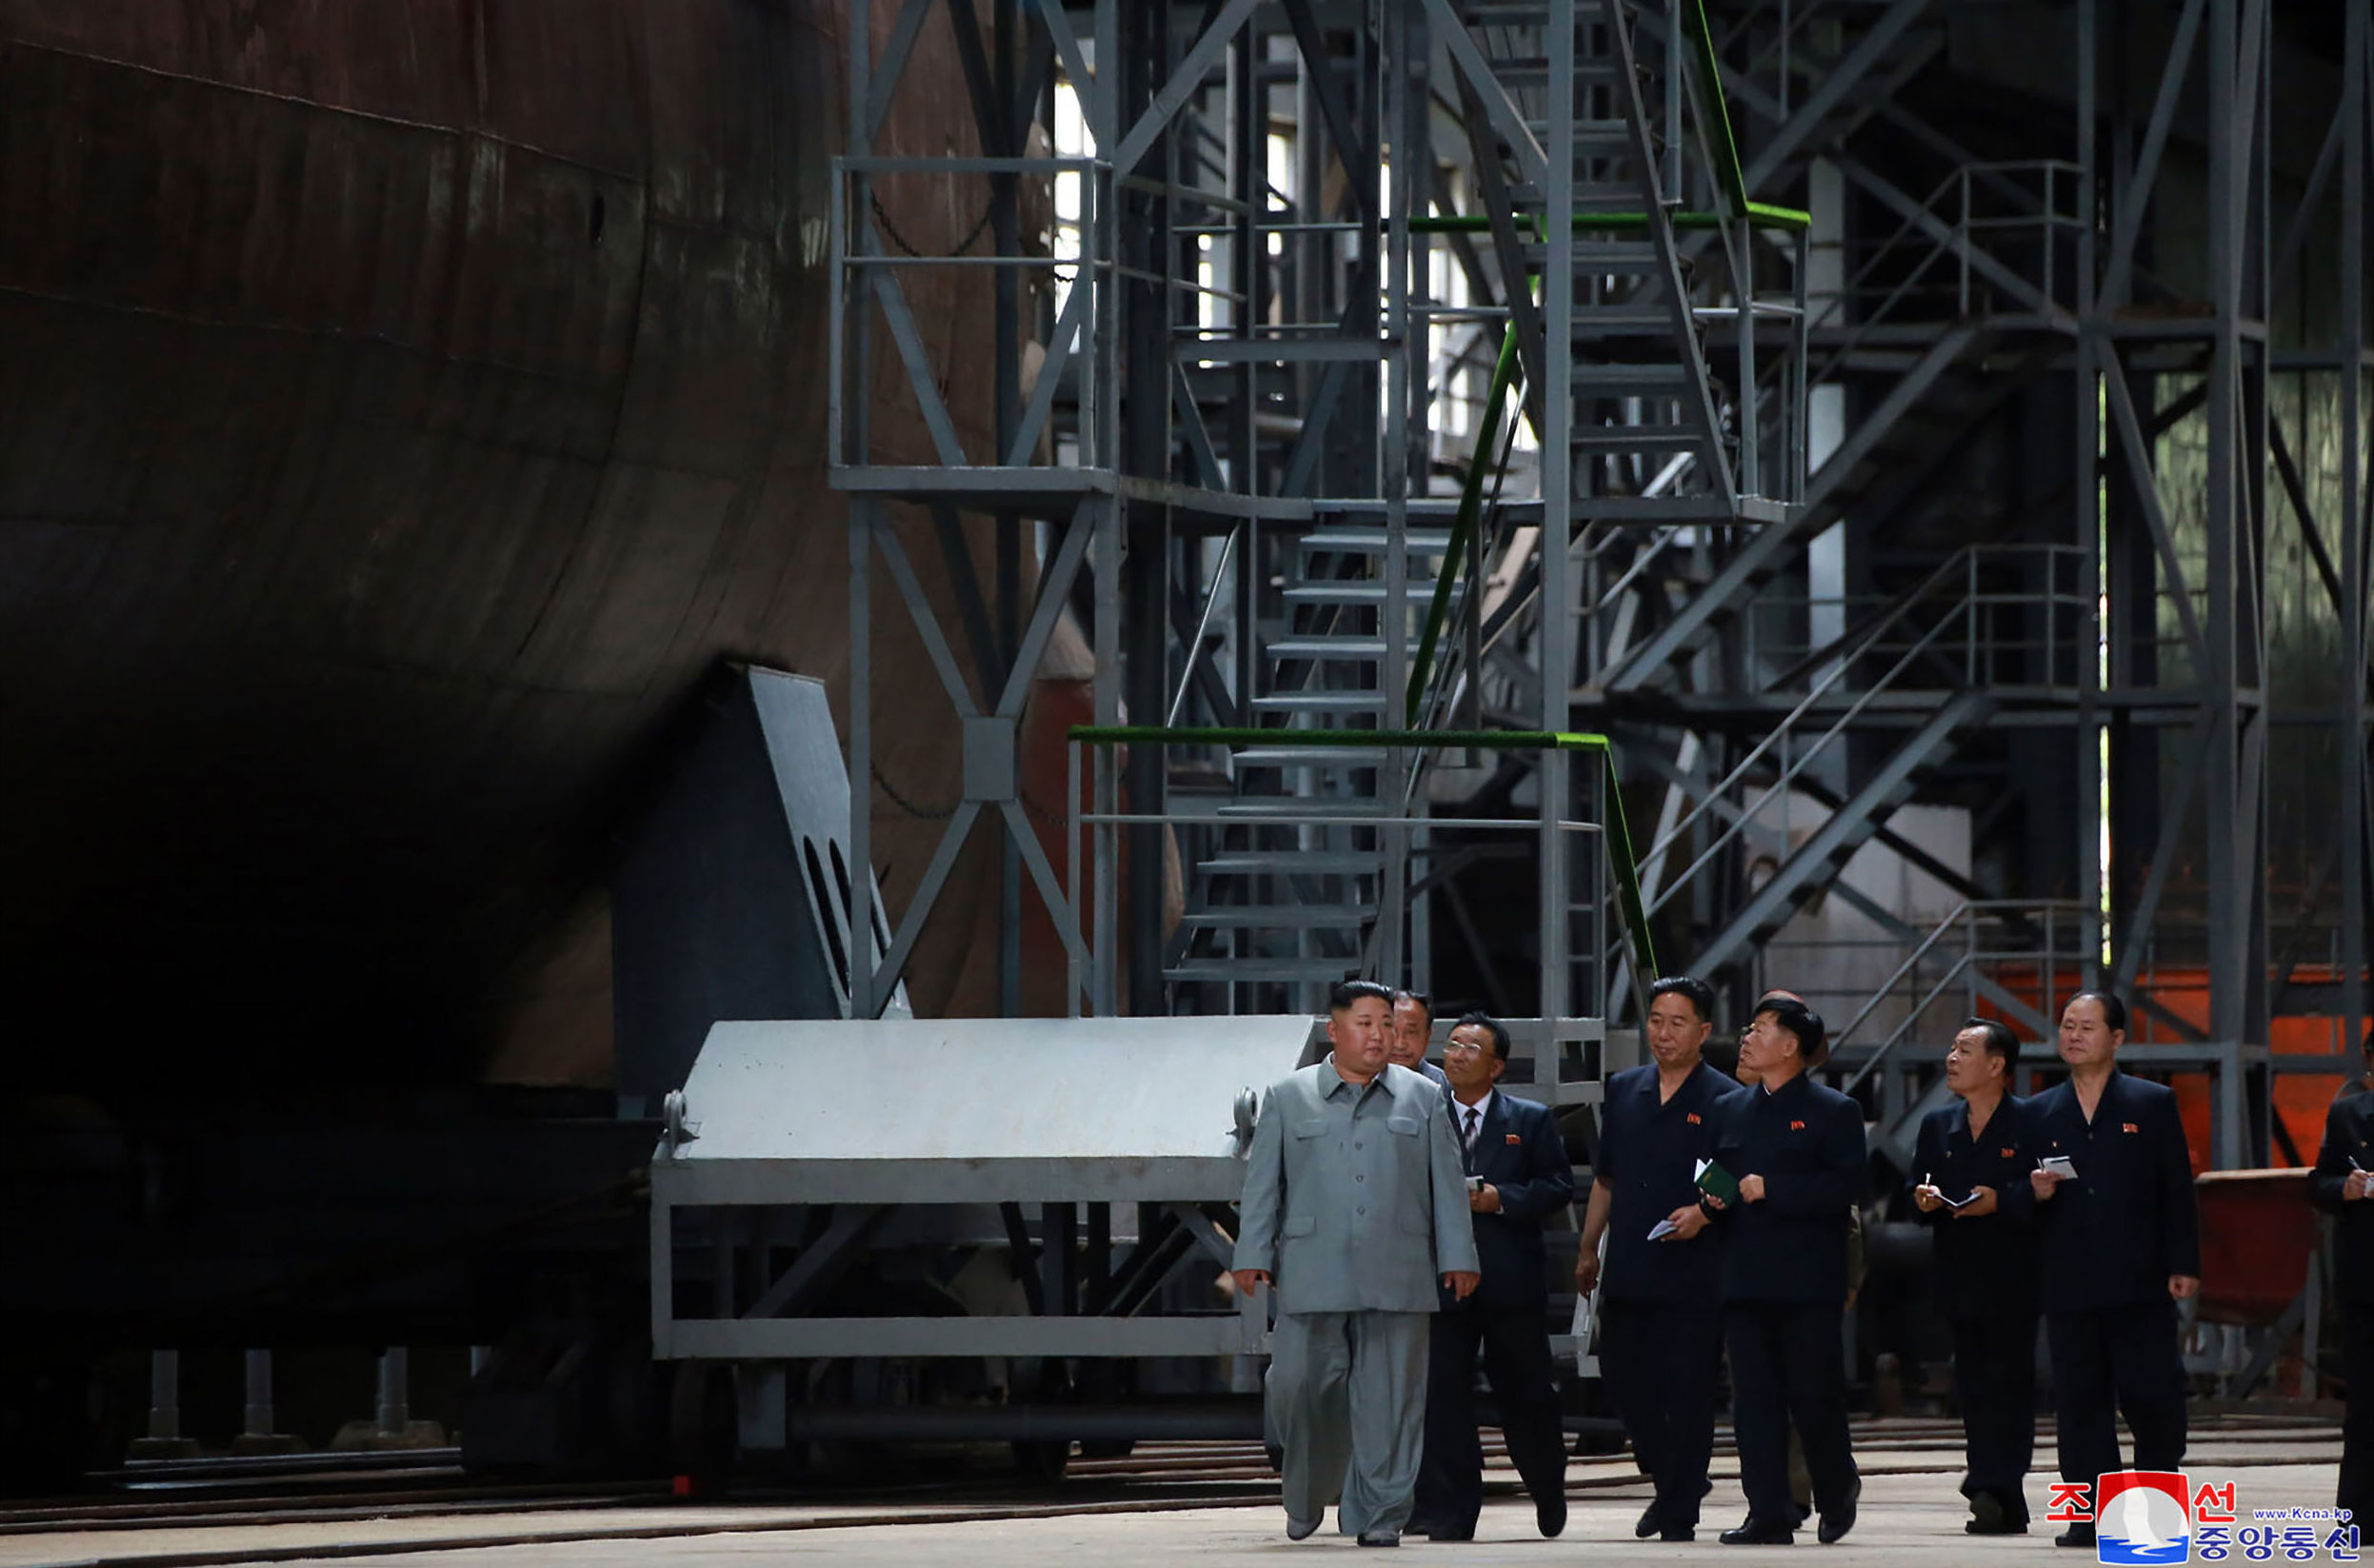 El líder norcoreano, Kim Jong-un, acompañado de varios oficiales y técnicos junto al submarino.